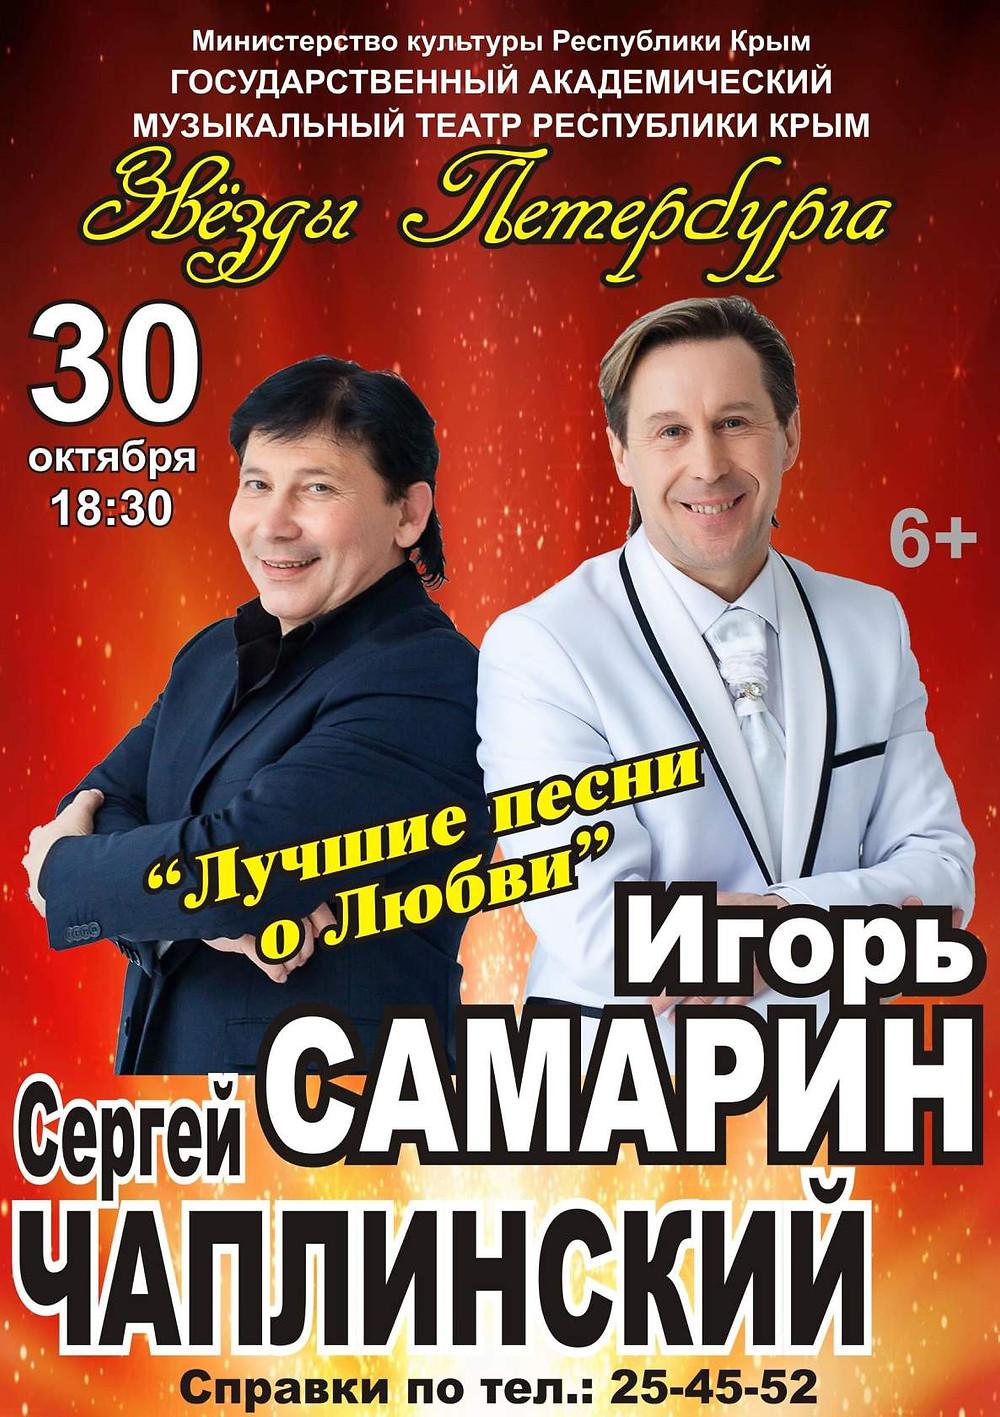 Афиша нашего концерта в Симферополе в музыкальном театре